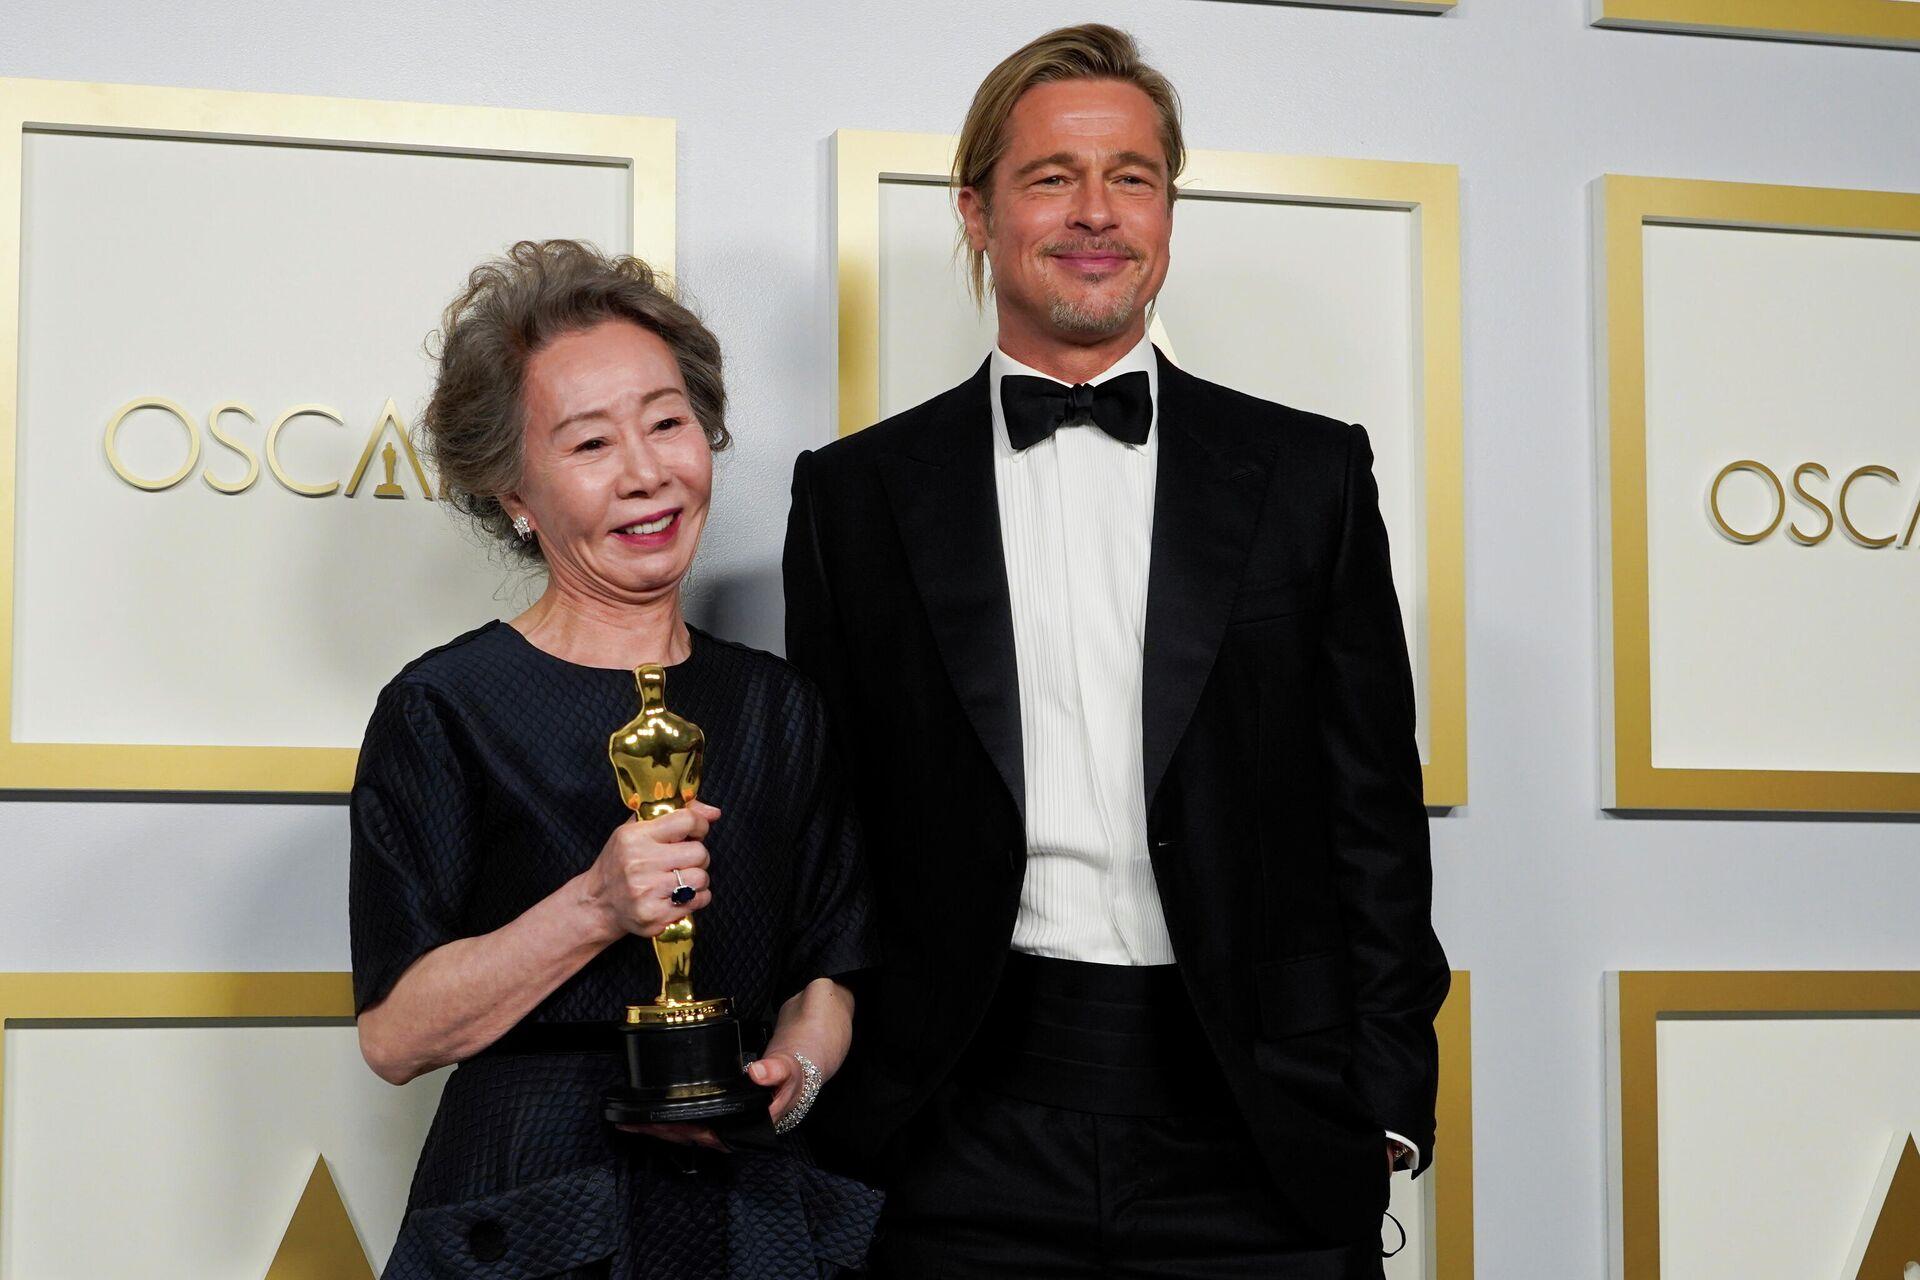 Брэд Питт и  Юн Е Джон на церемонии вручения премии Оскар в Лос-Анджелесе - РИА Новости, 1920, 29.06.2021